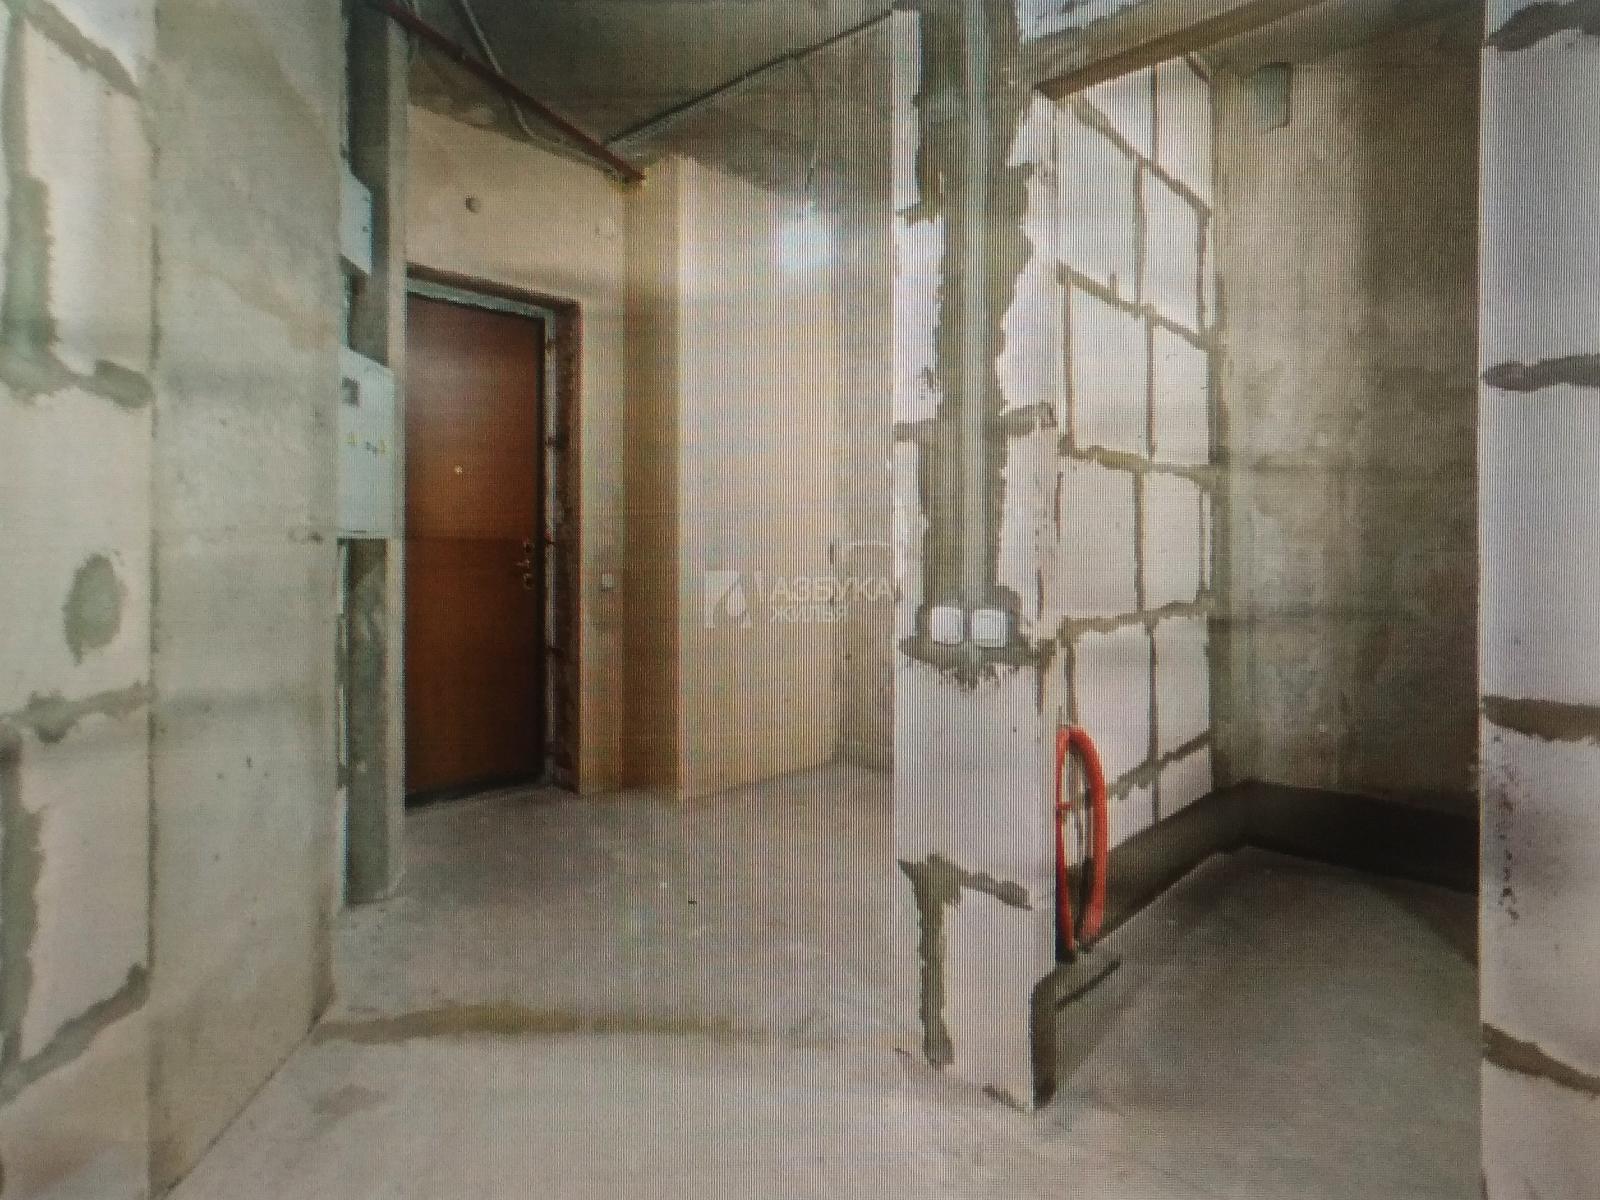 Фото №9 - 1-комнатная квартира, Москва, Силикатный 3-й проезд 4 корпус 1, метро Шелепиха